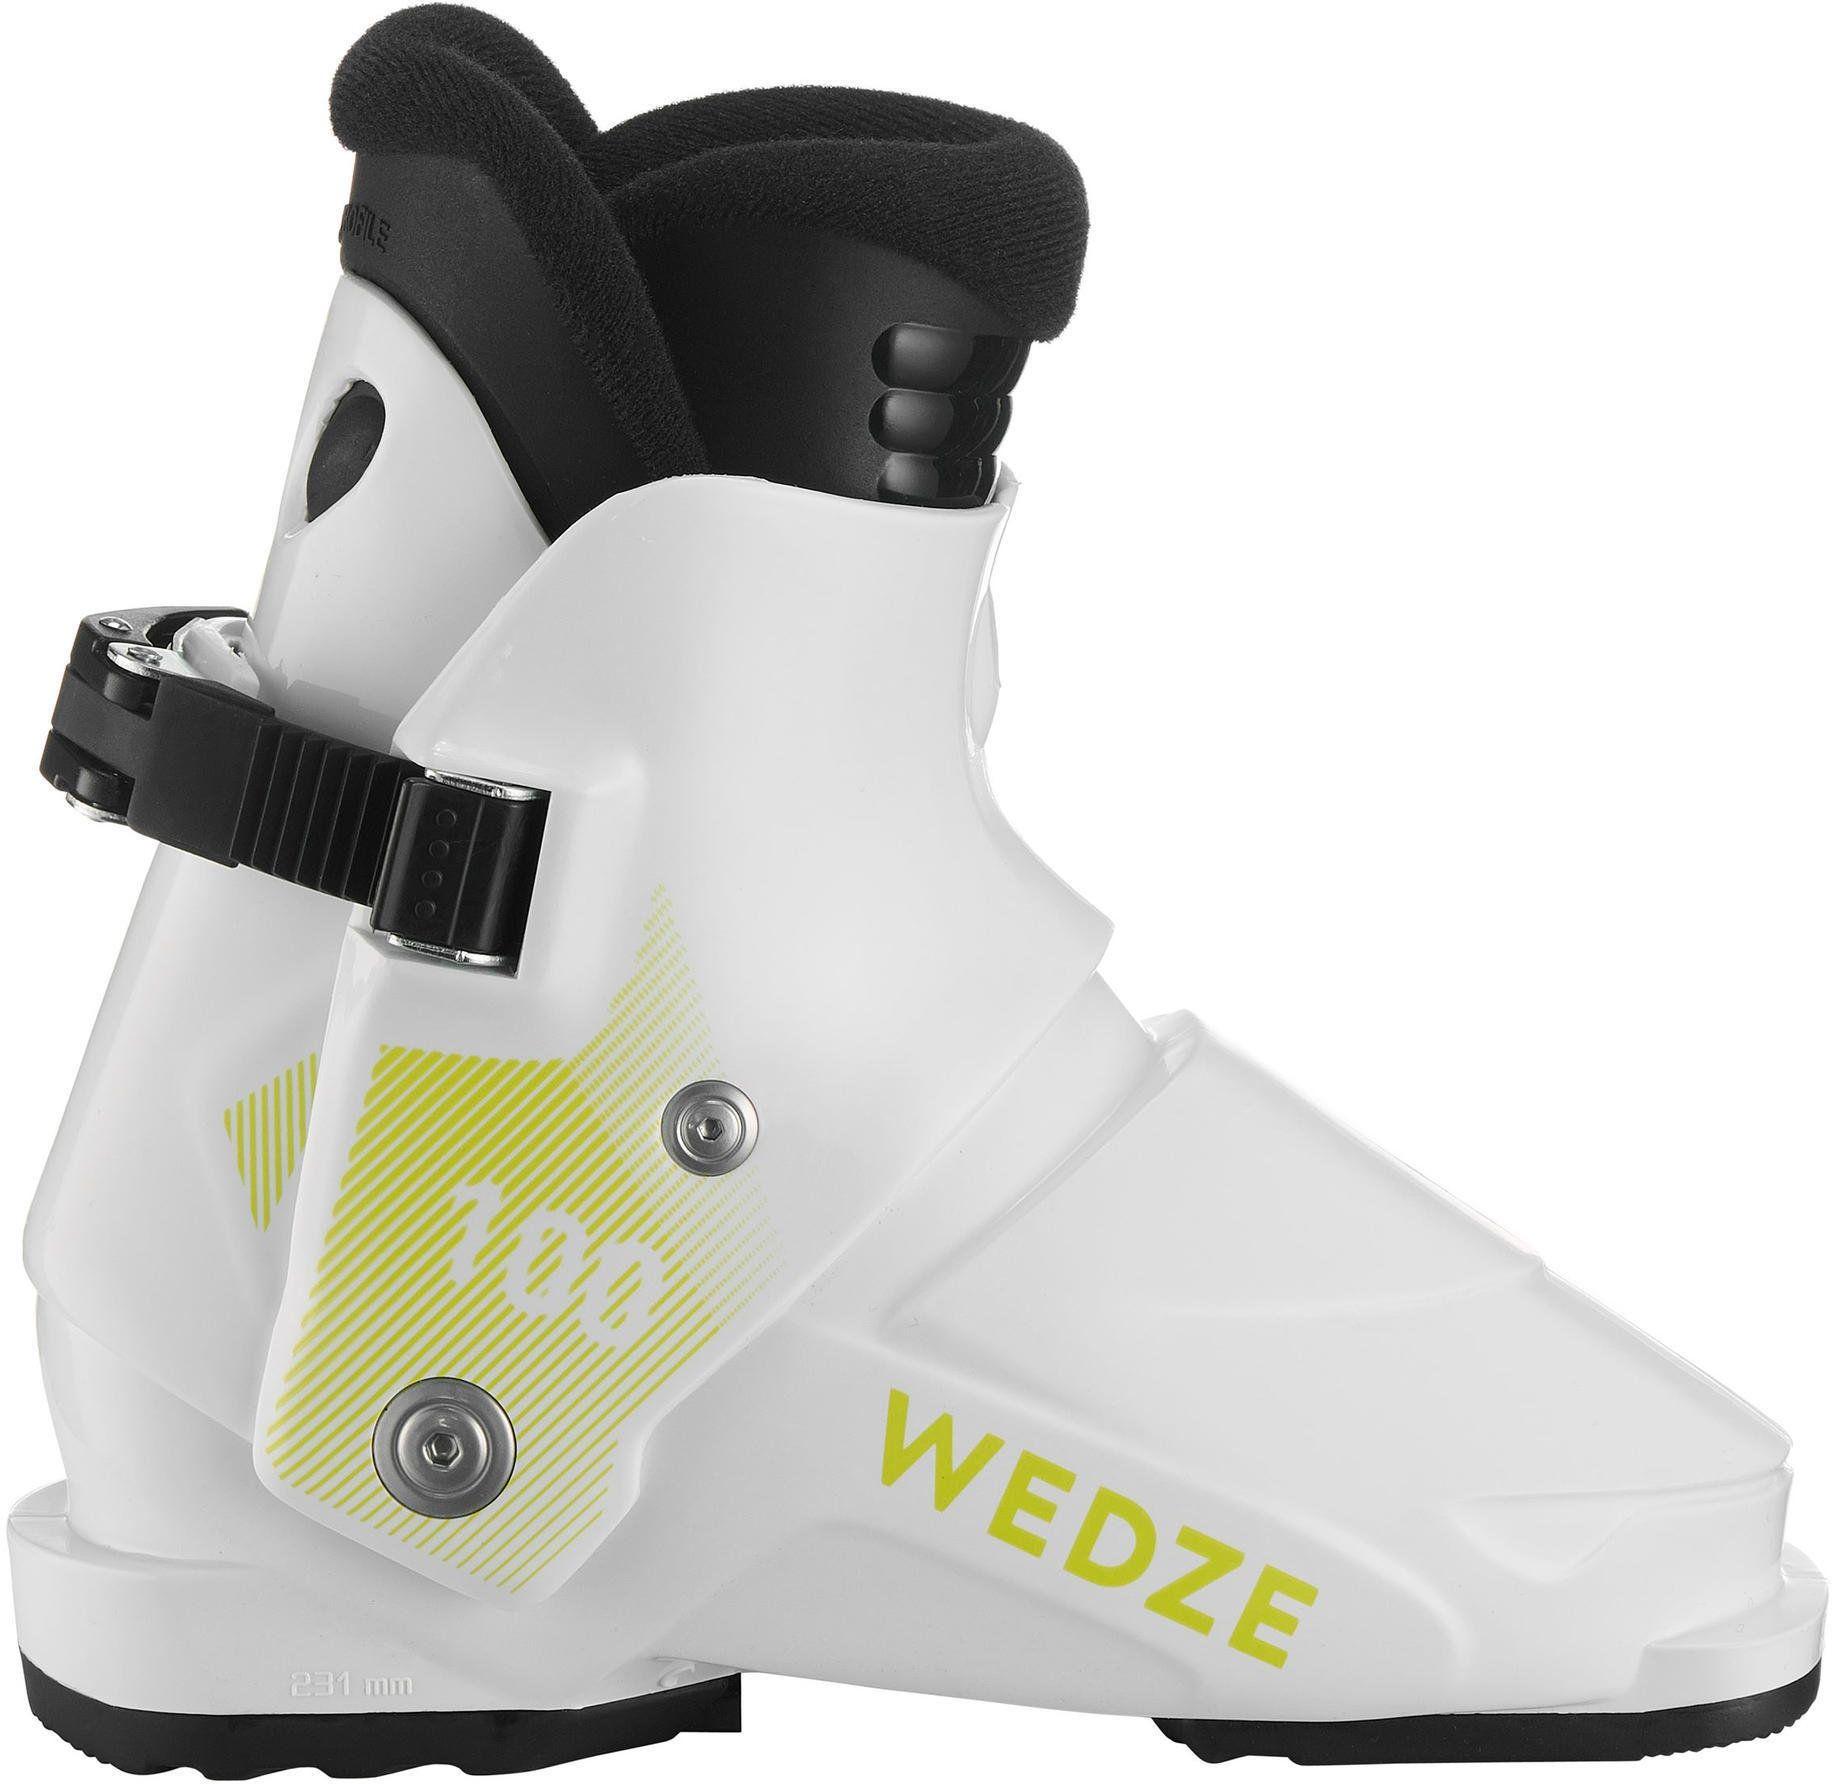 Buty narciarskie KID 100 dla dzieci